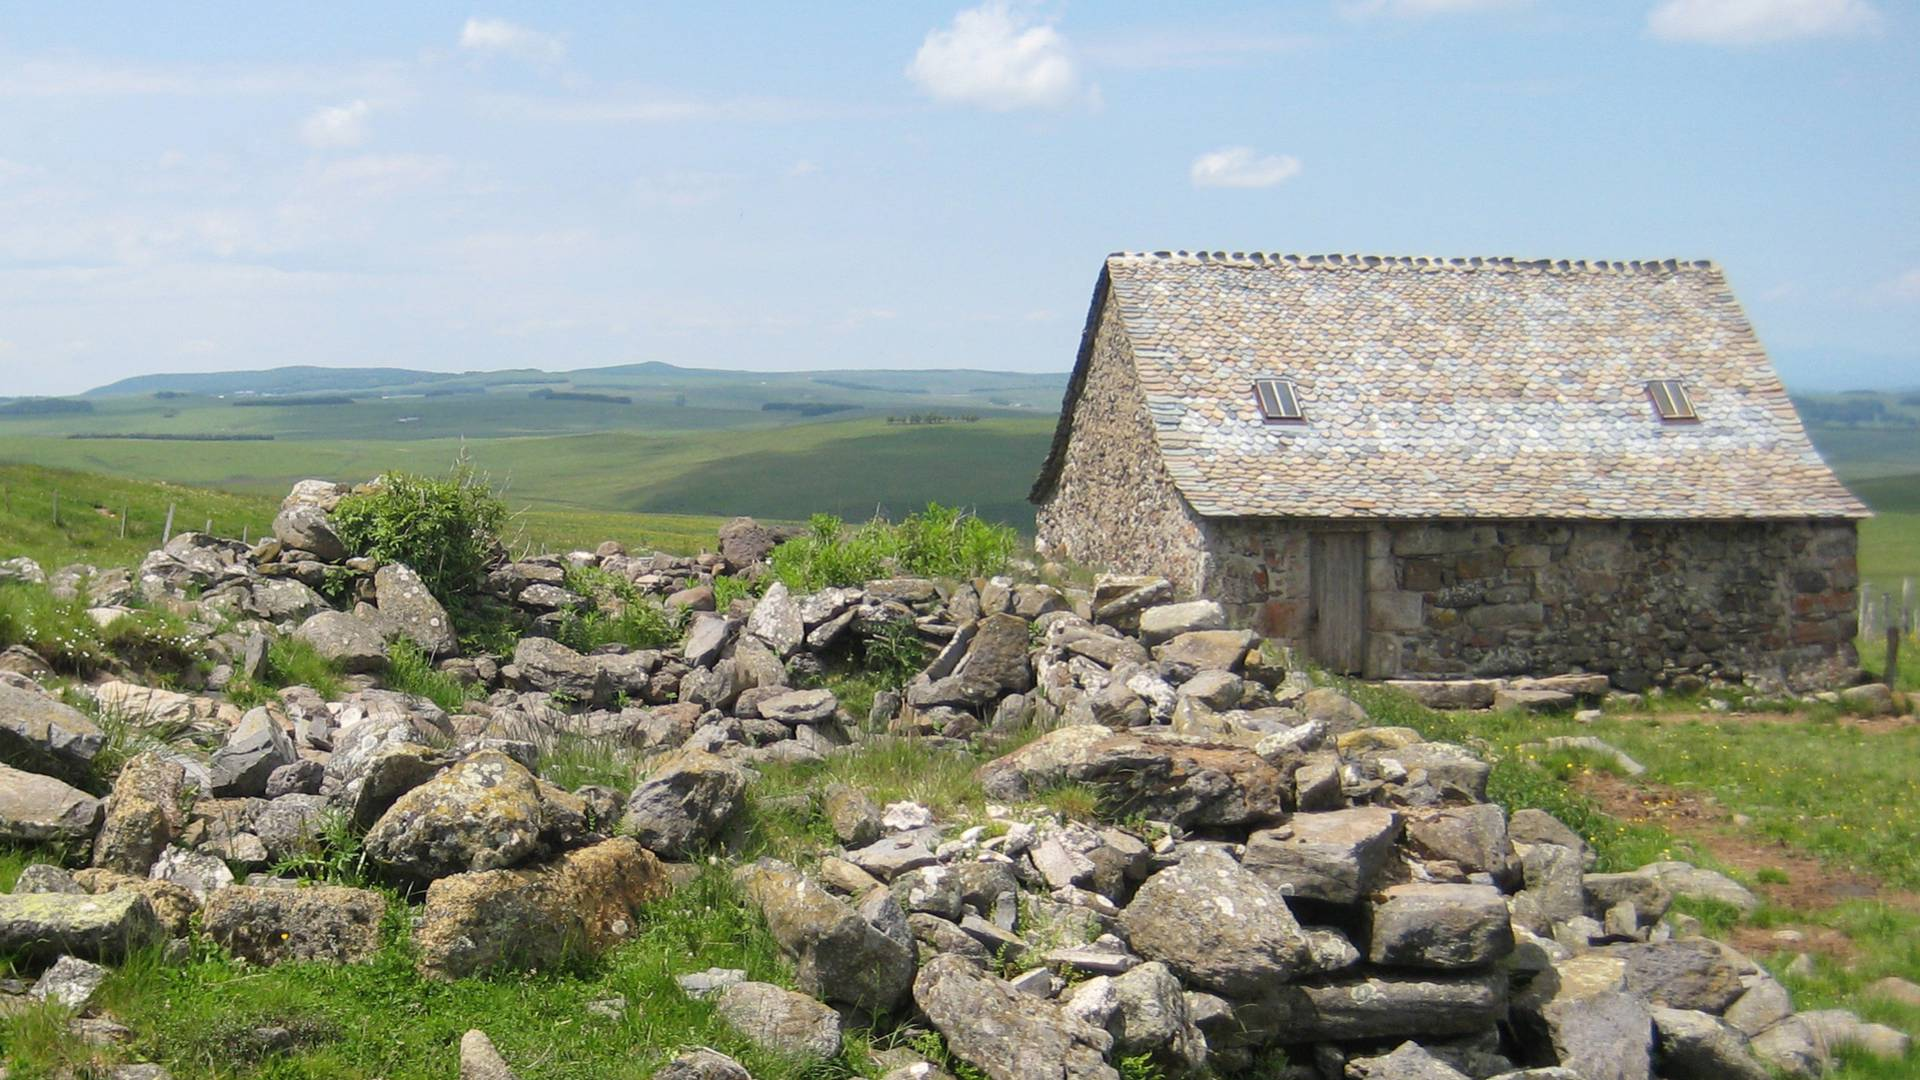 A buron hut on the Aubrac